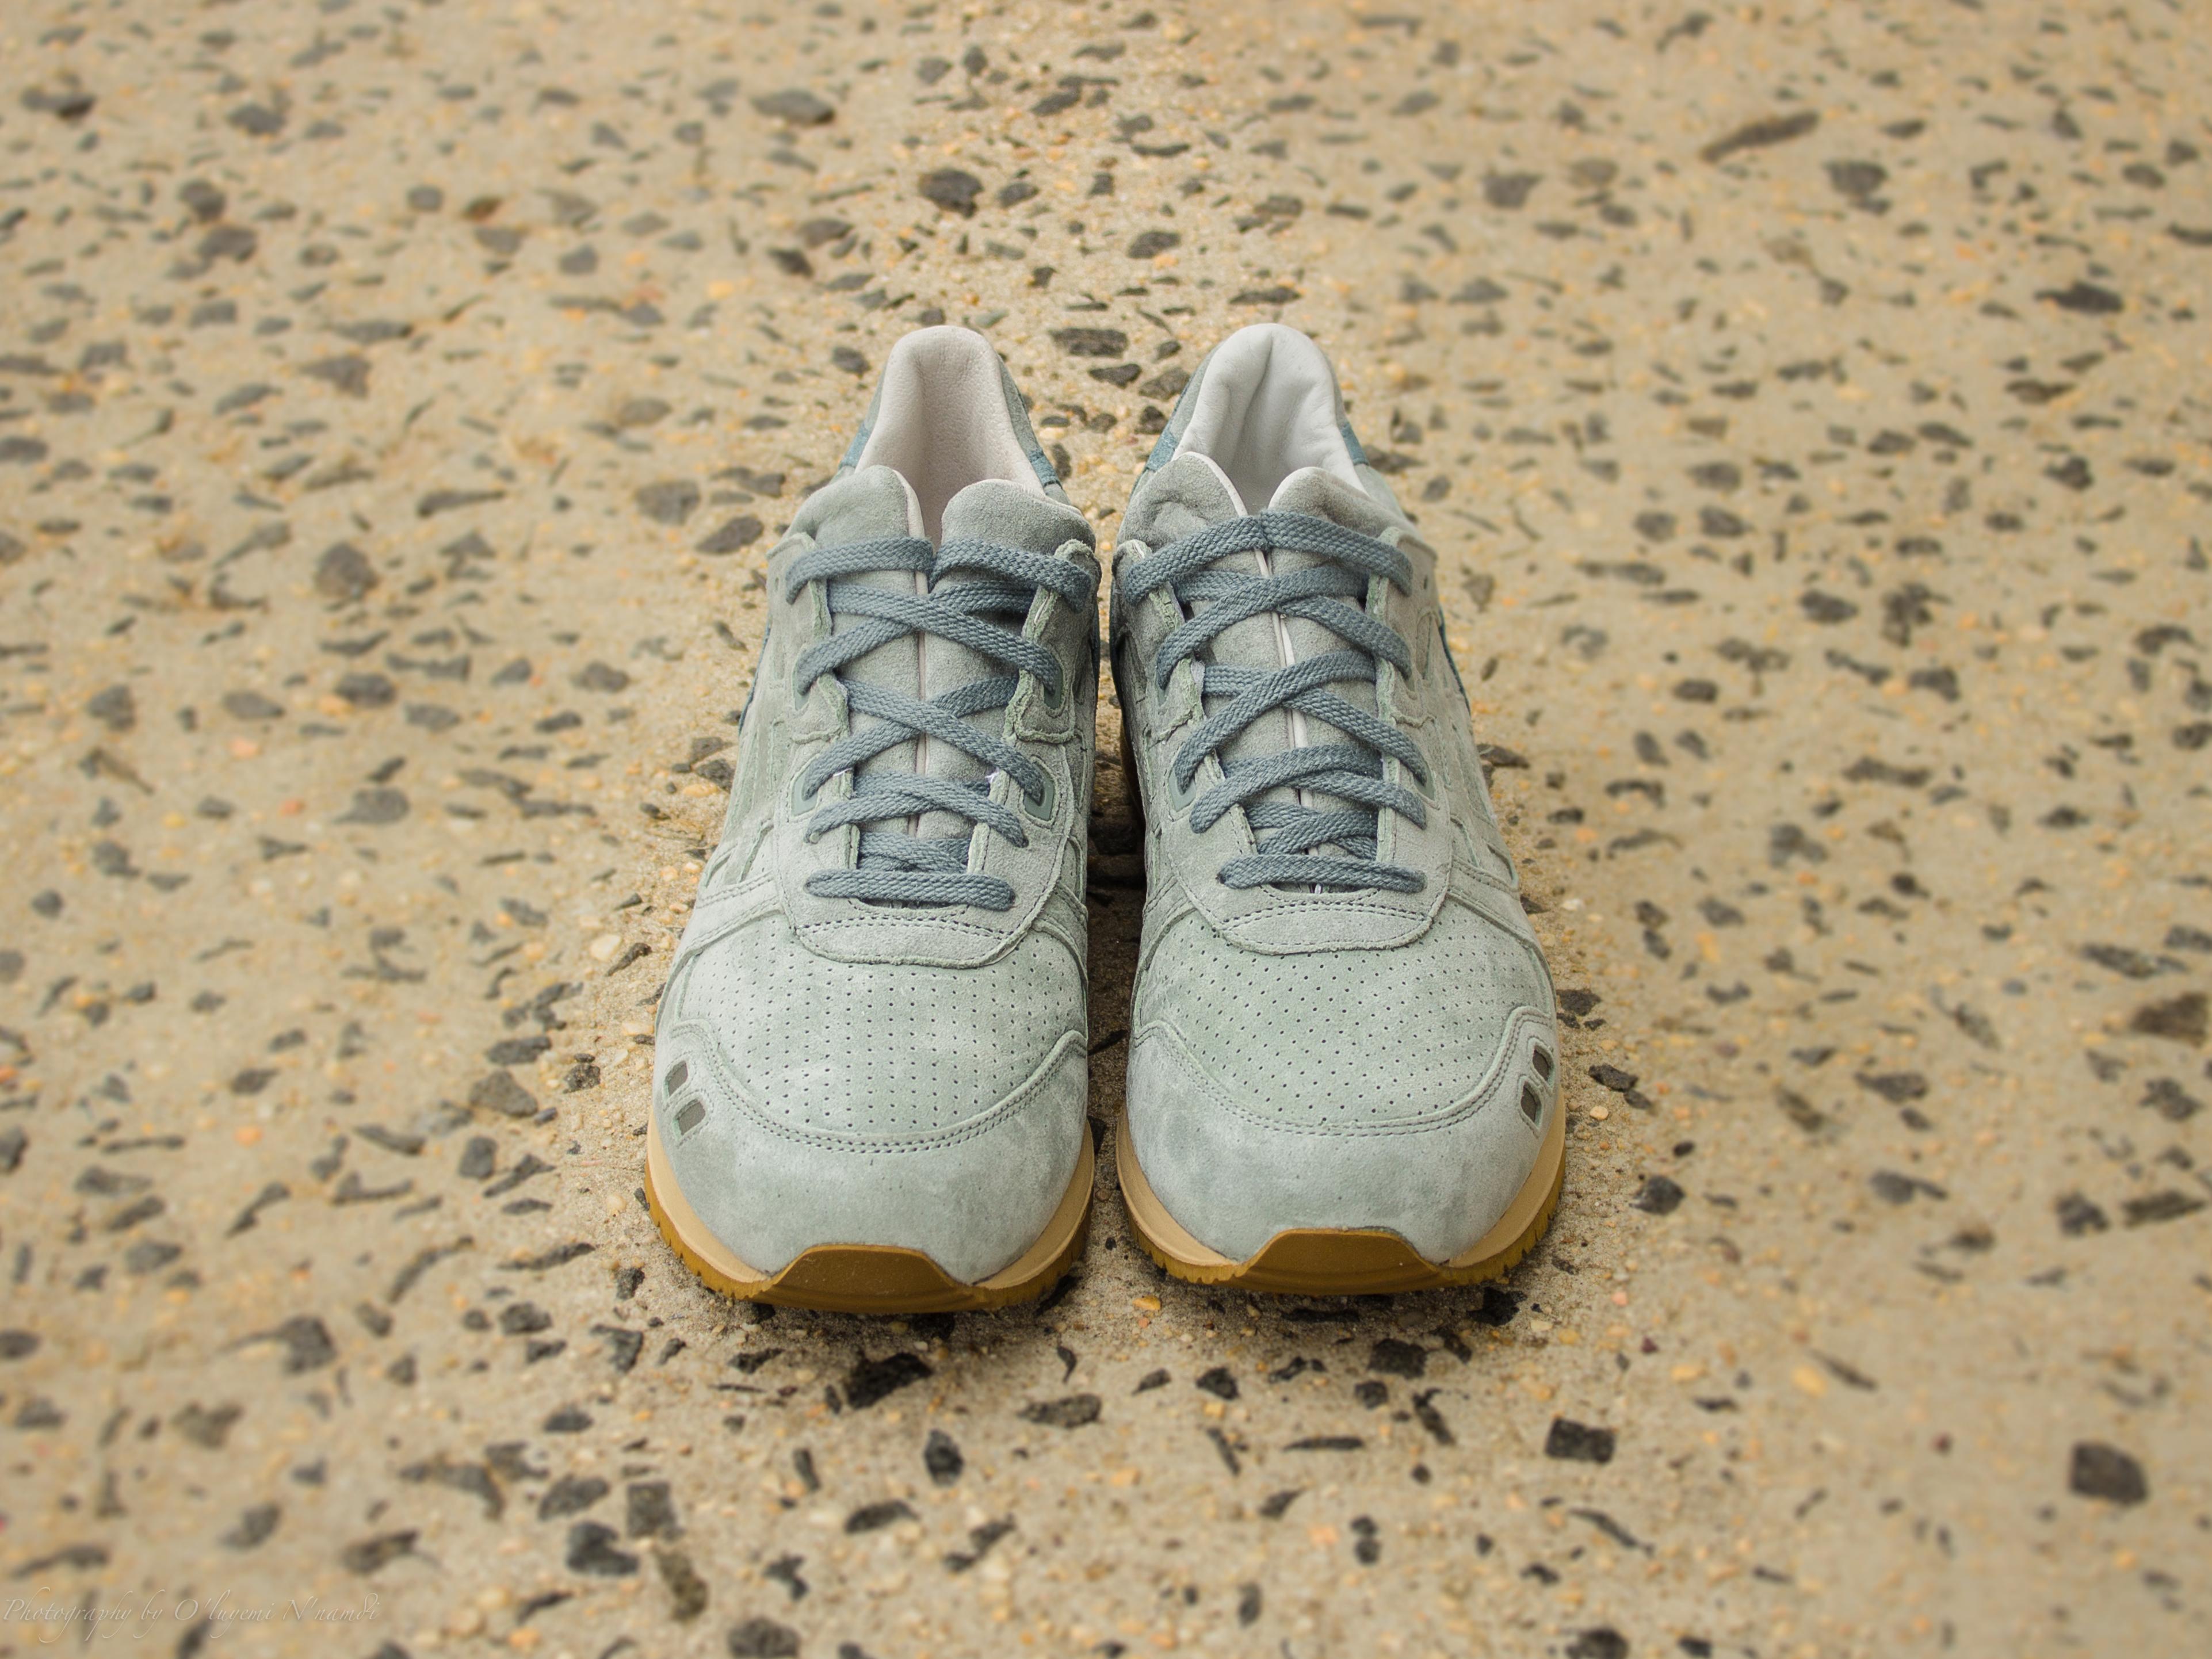 Asics Golf Shoes Uk Stockists